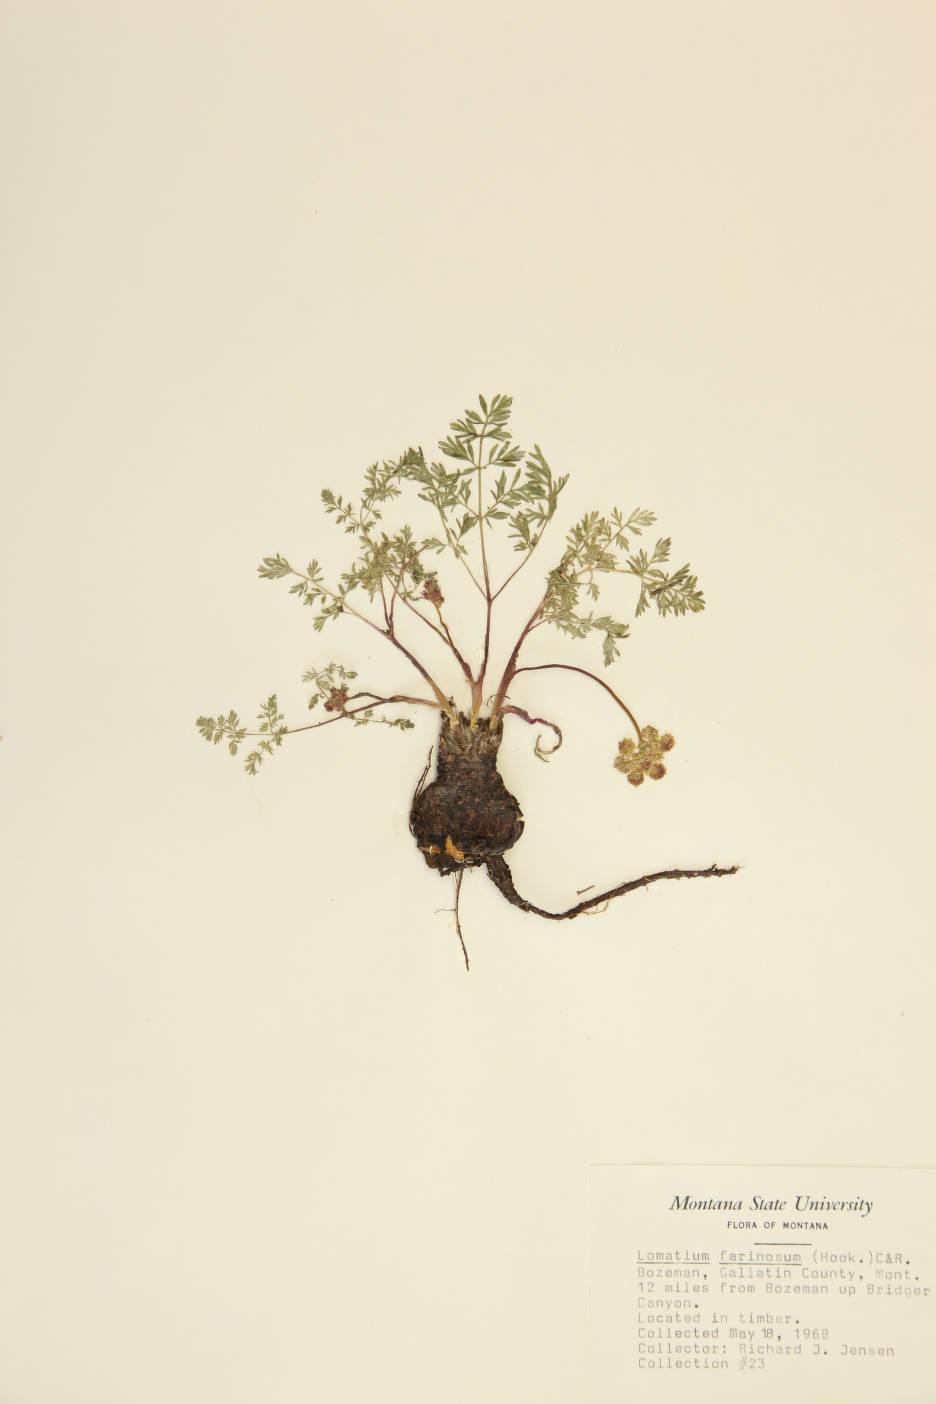 Image of Lomatium farinosum